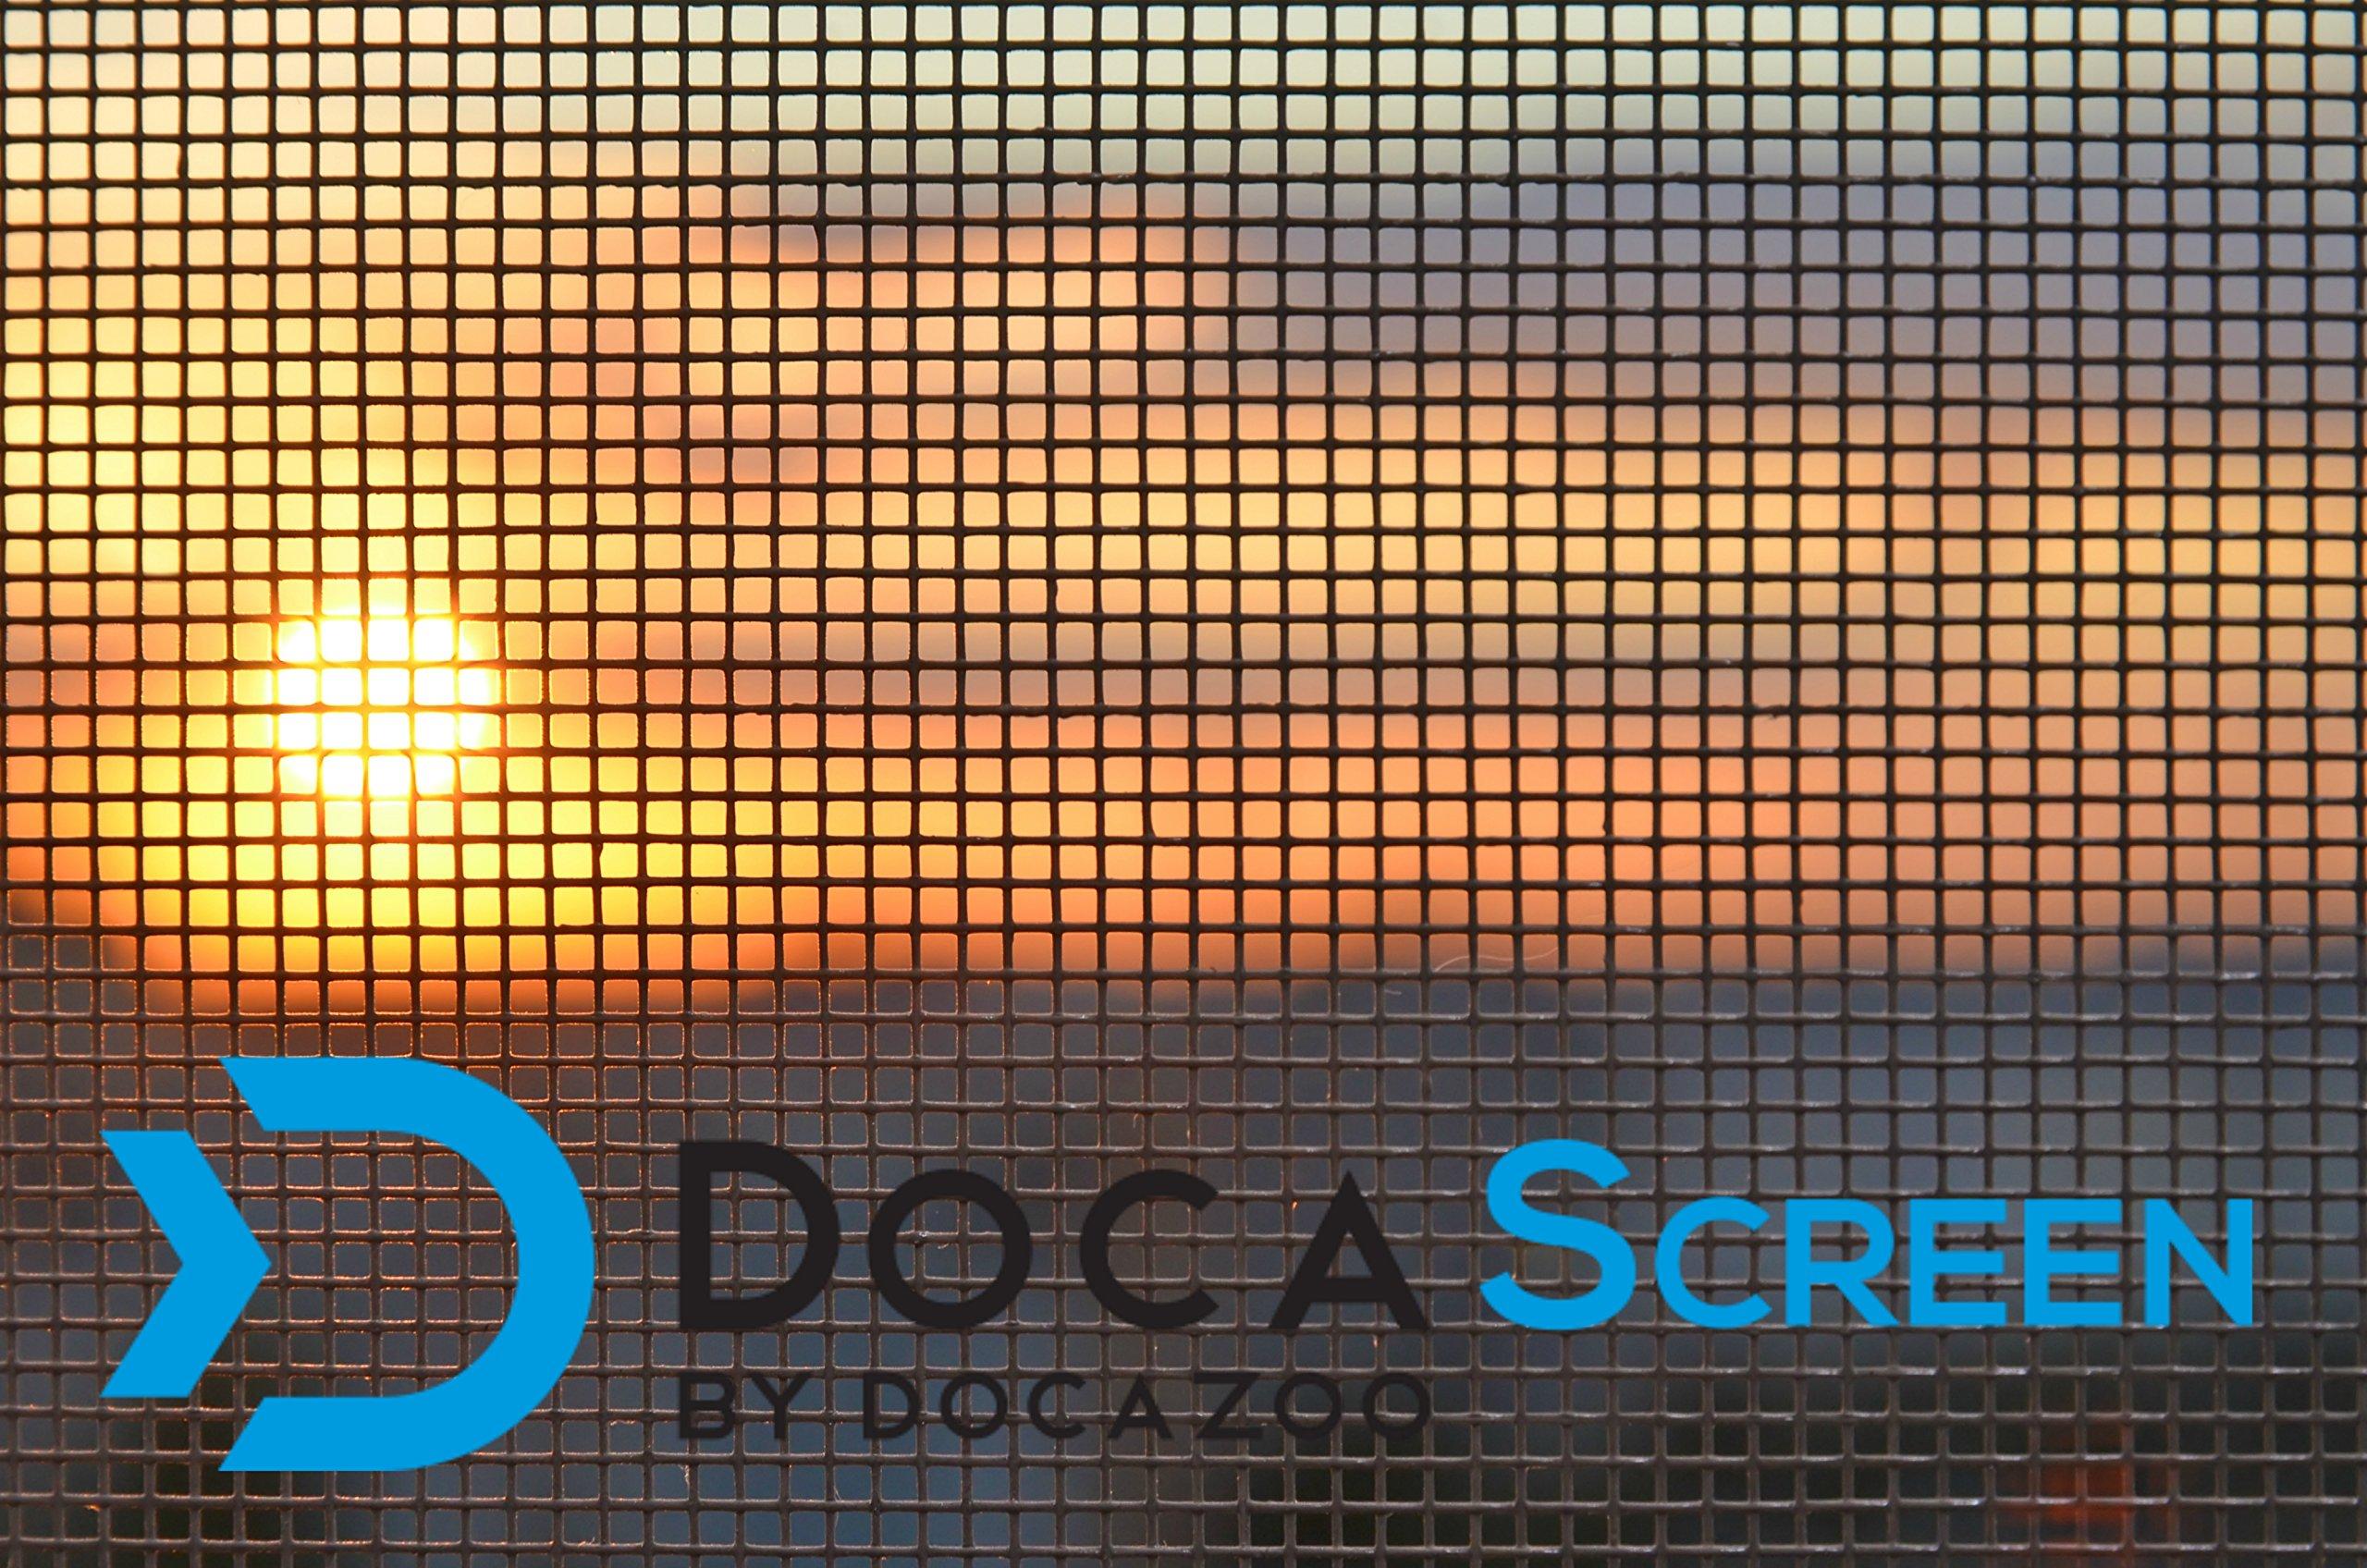 DocaScreen Standard Window Screen Roll - 60'' x 100' Fiberglass Screen Roll - Window, Door and Patio Screen - Insect Screen // Fiberglass Screening // Screen Replacement // Window Screens by DOCAZOO